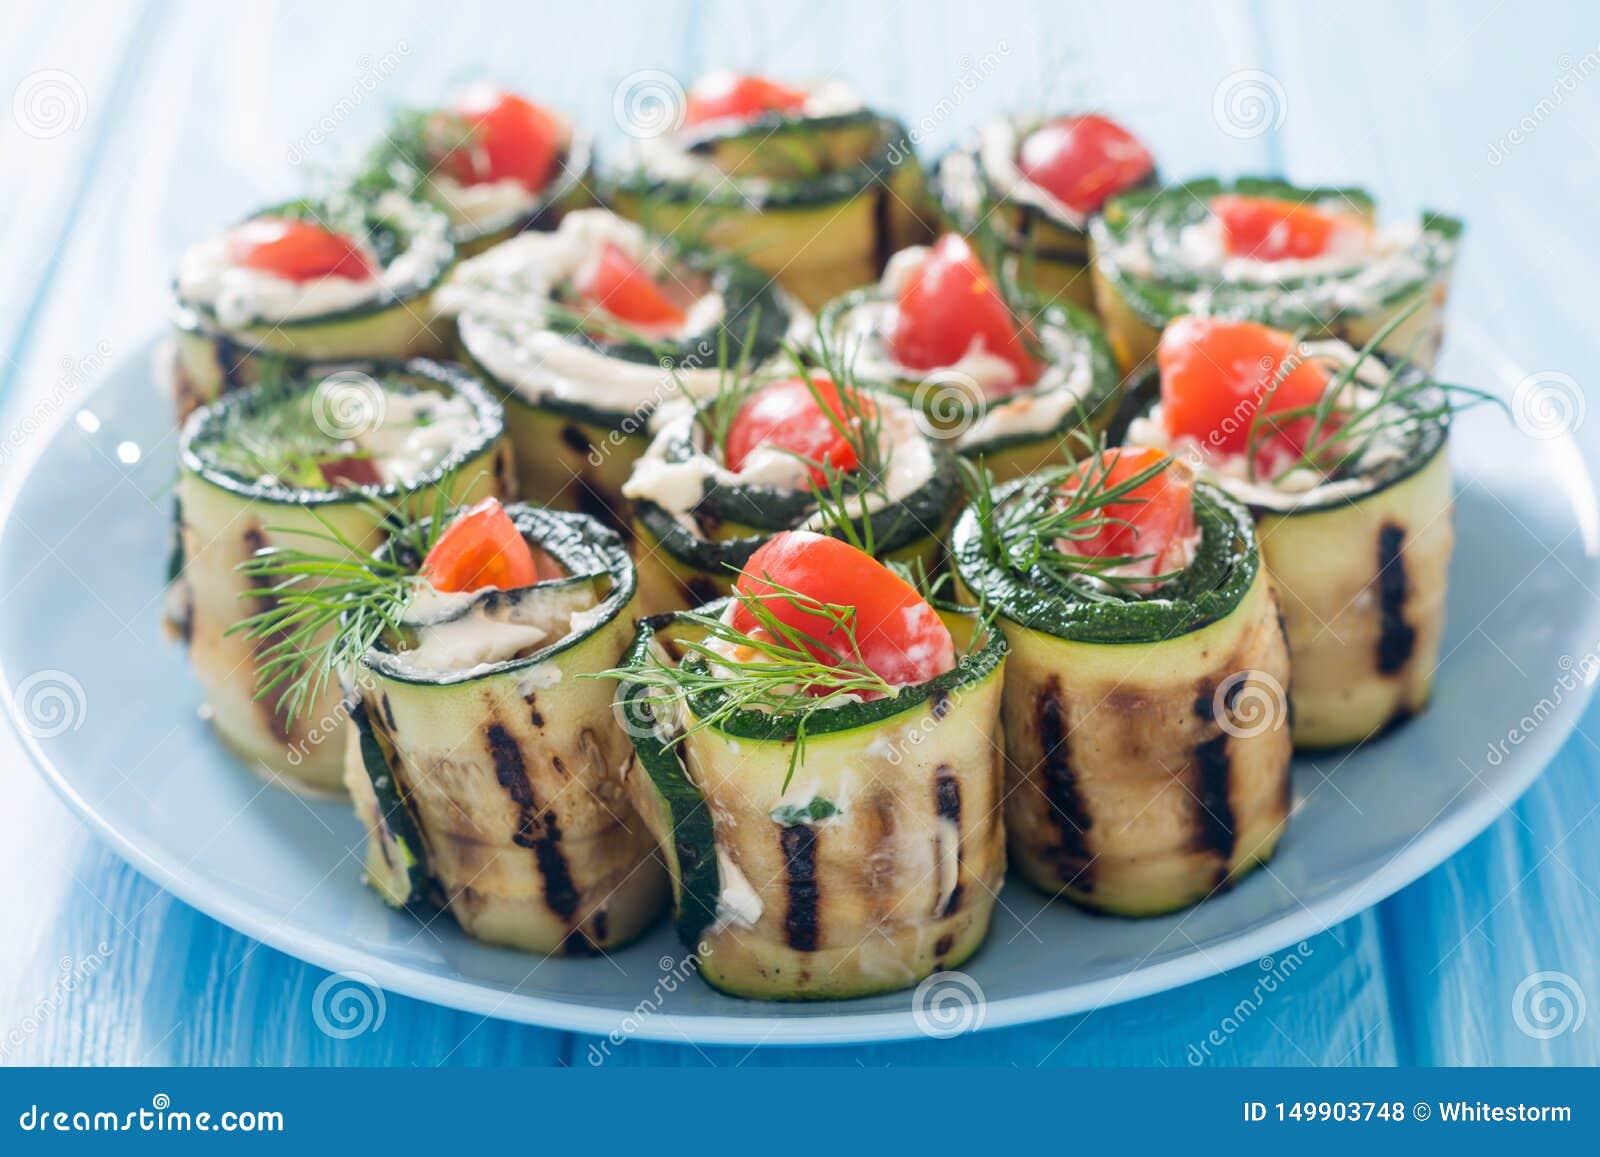 Courgettebroodjes met roomkaas, tomaten en dille